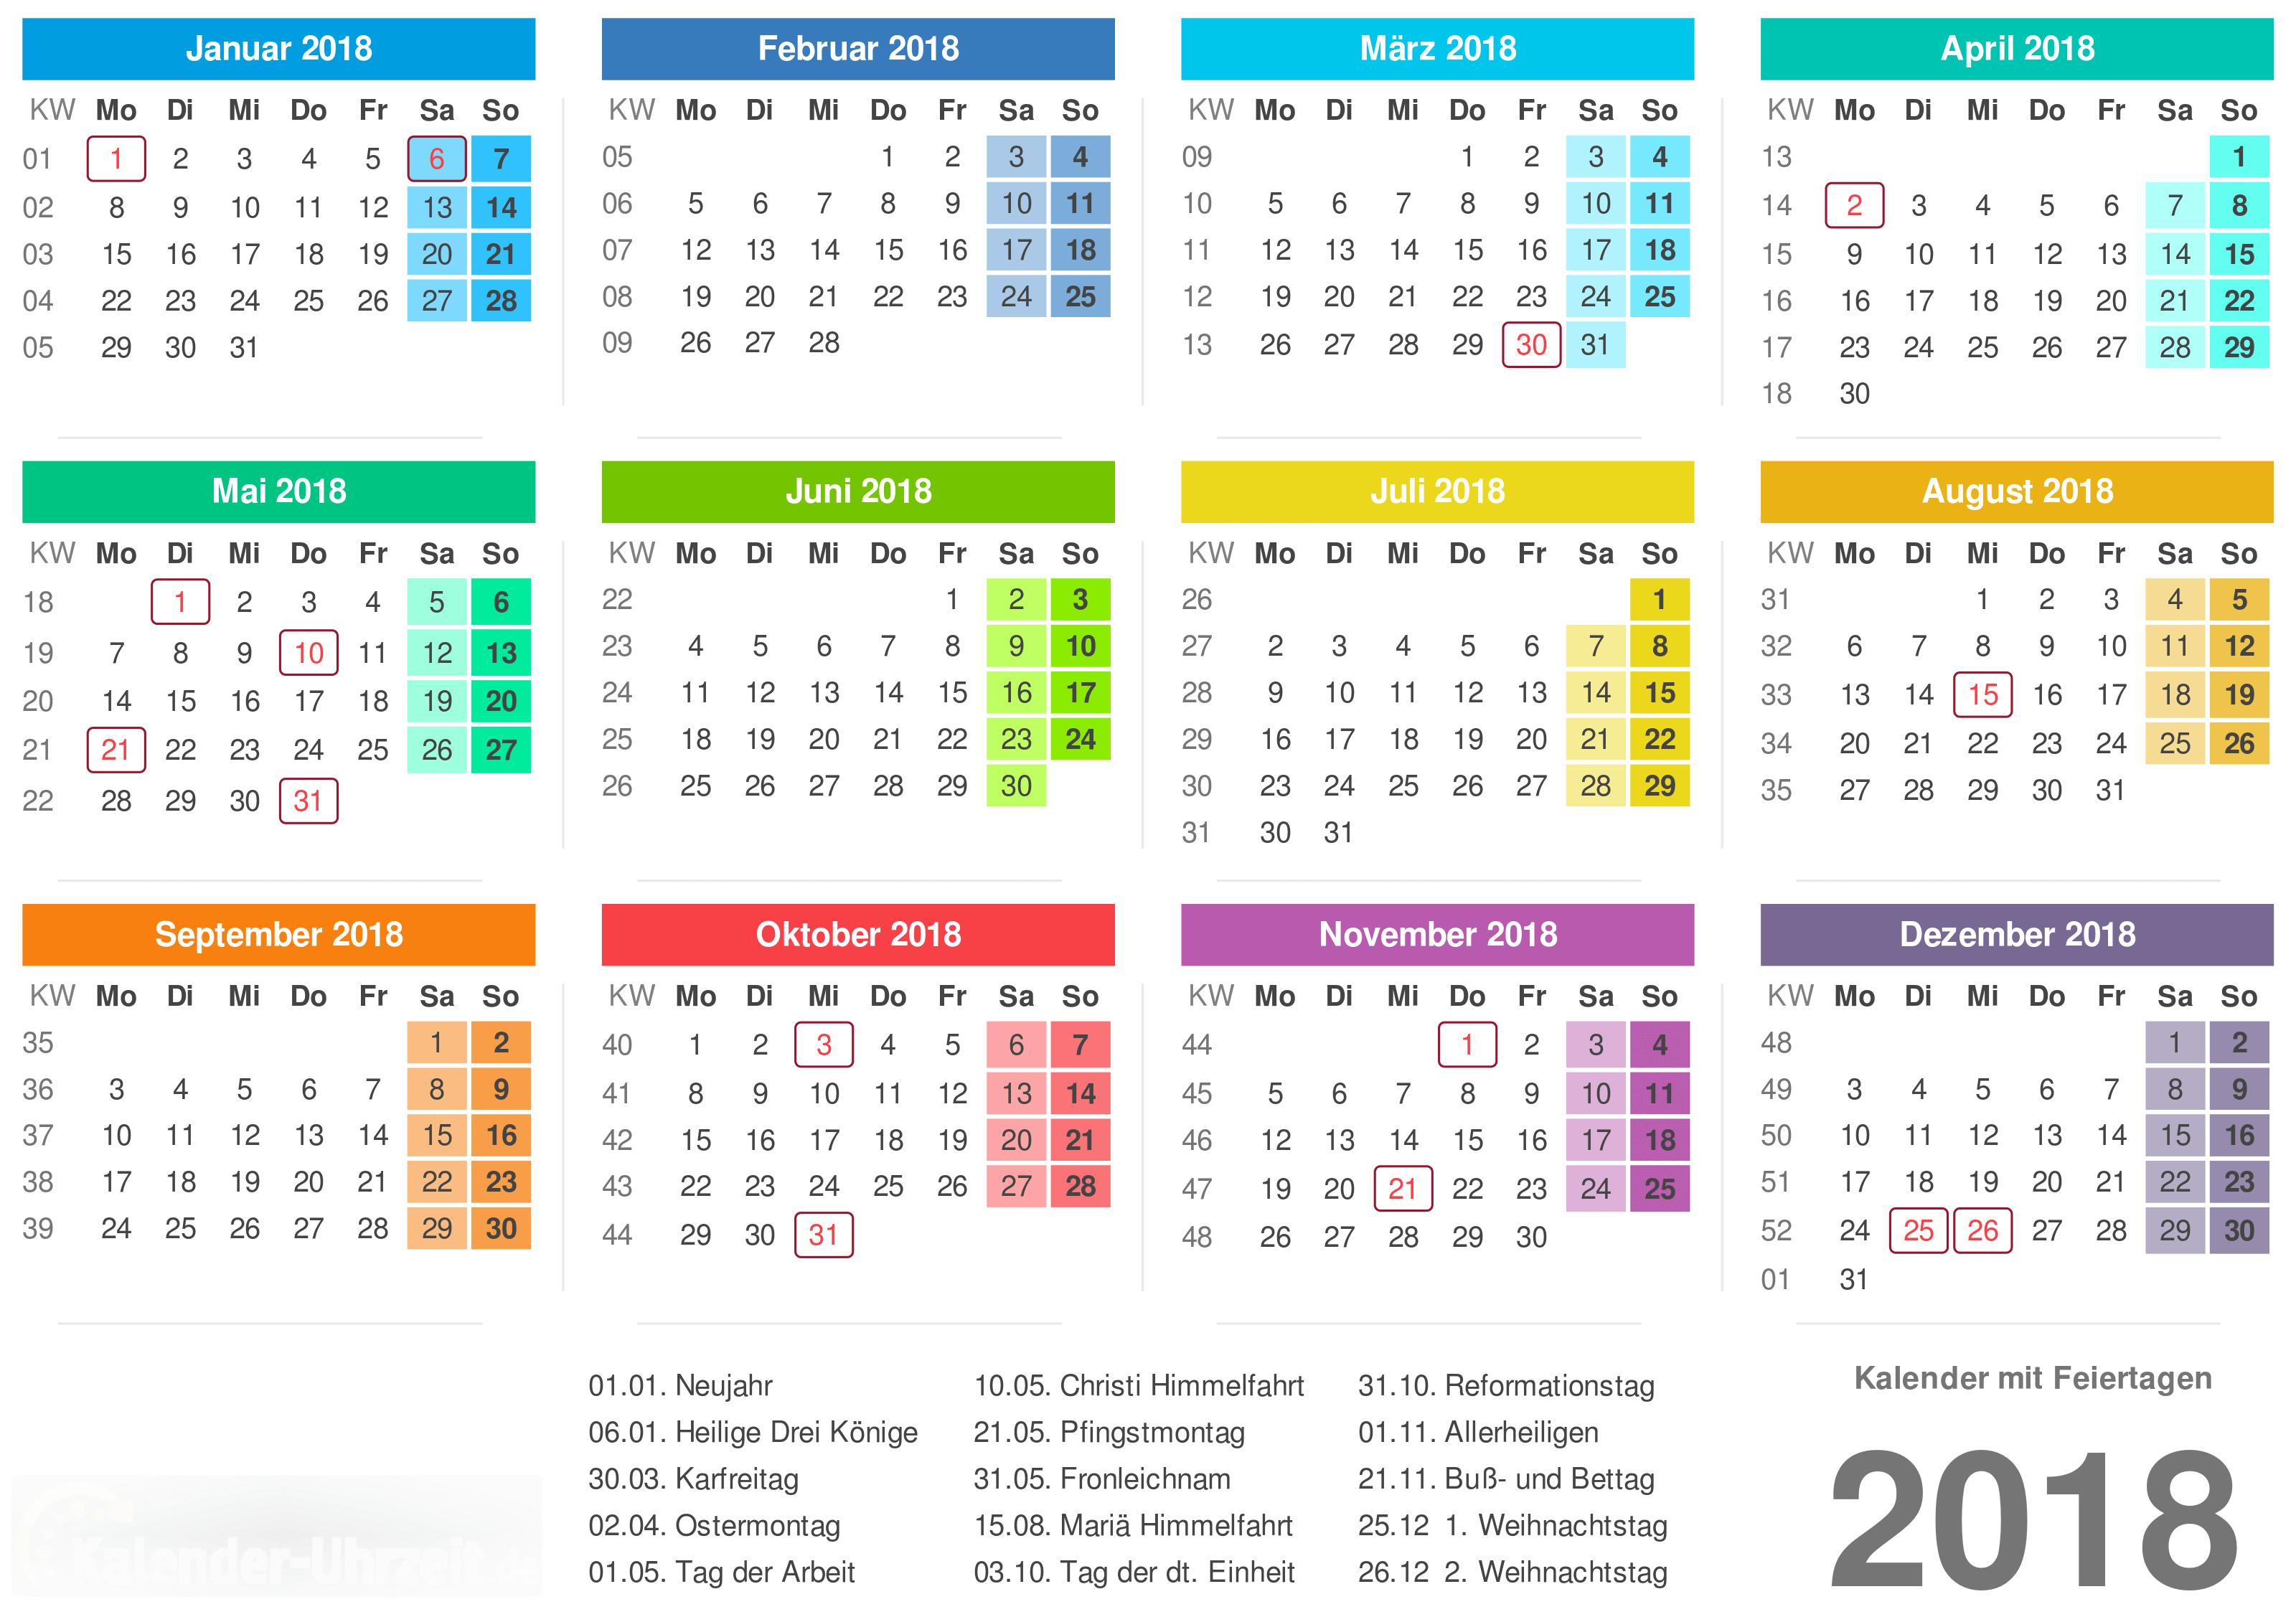 Kalender 2018 mit Feiertage-Übersicht zum Ausdrucken Vorlage 2